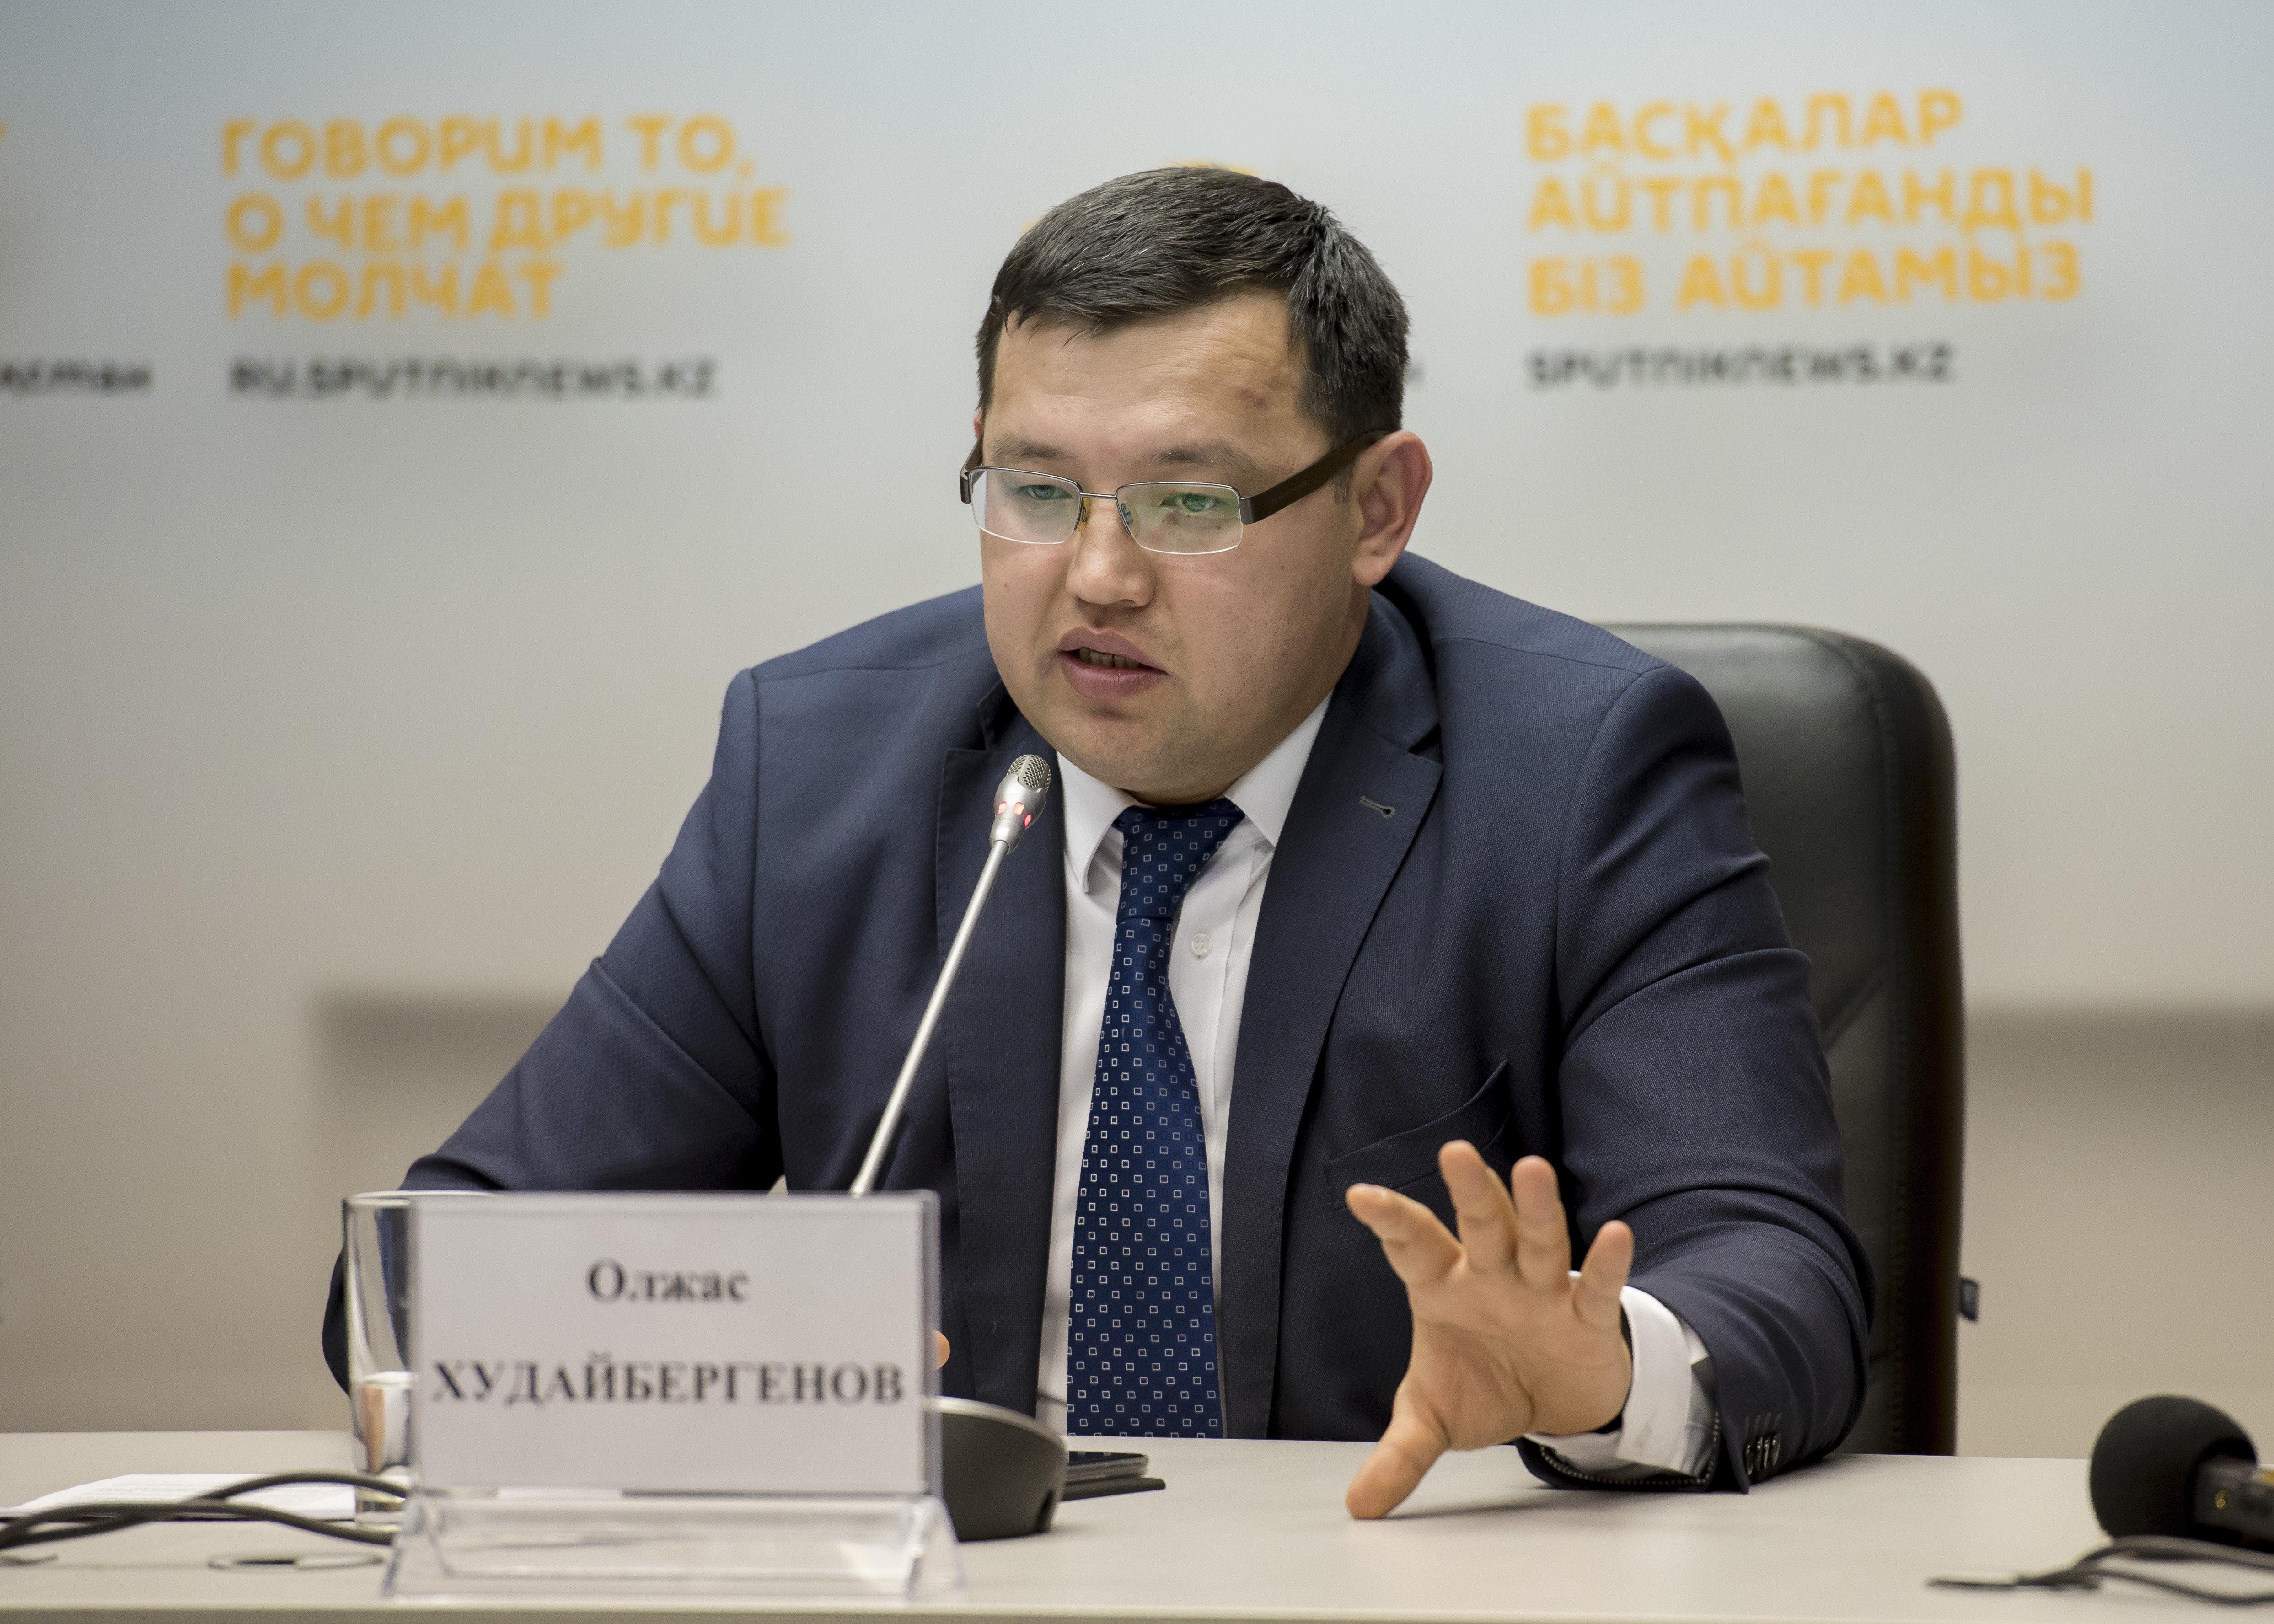 Олжас Худайбергенов